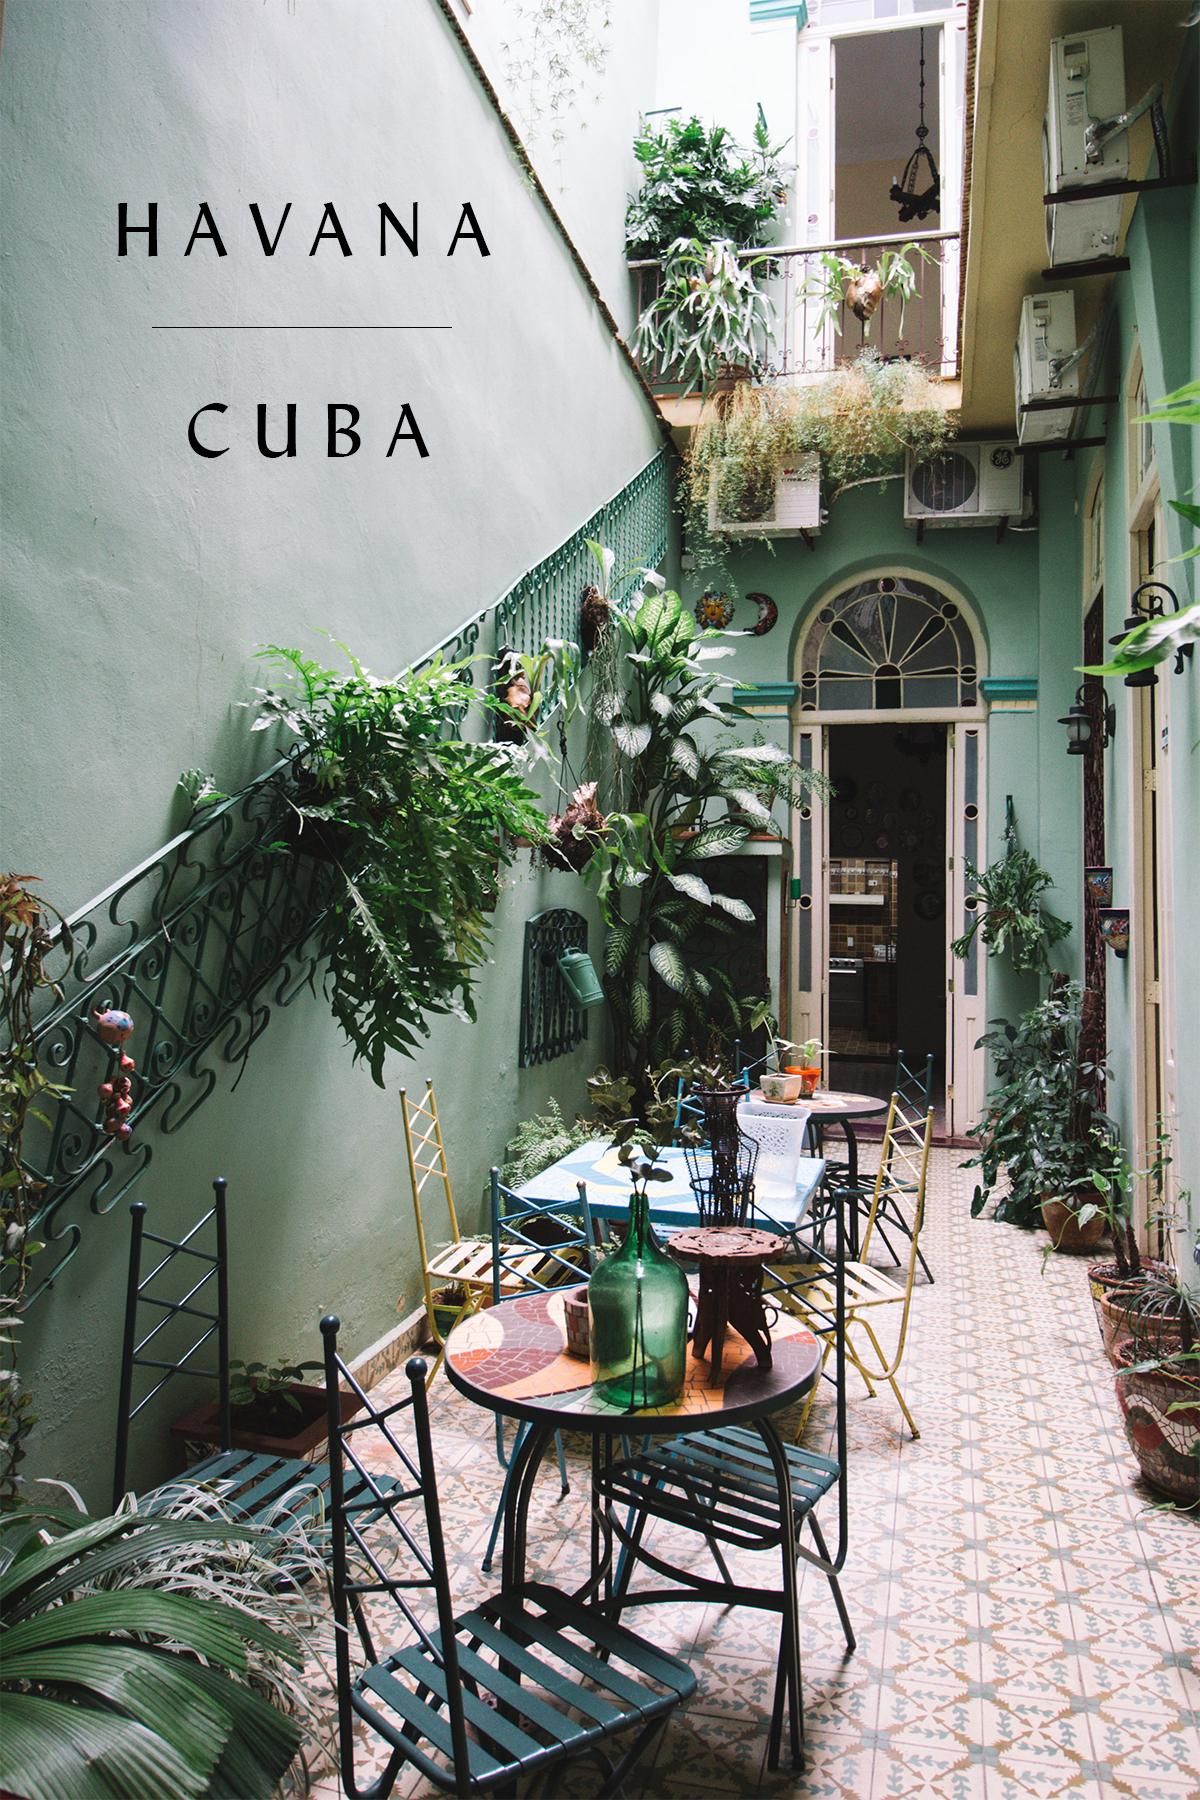 Havana | Cuba.jpg